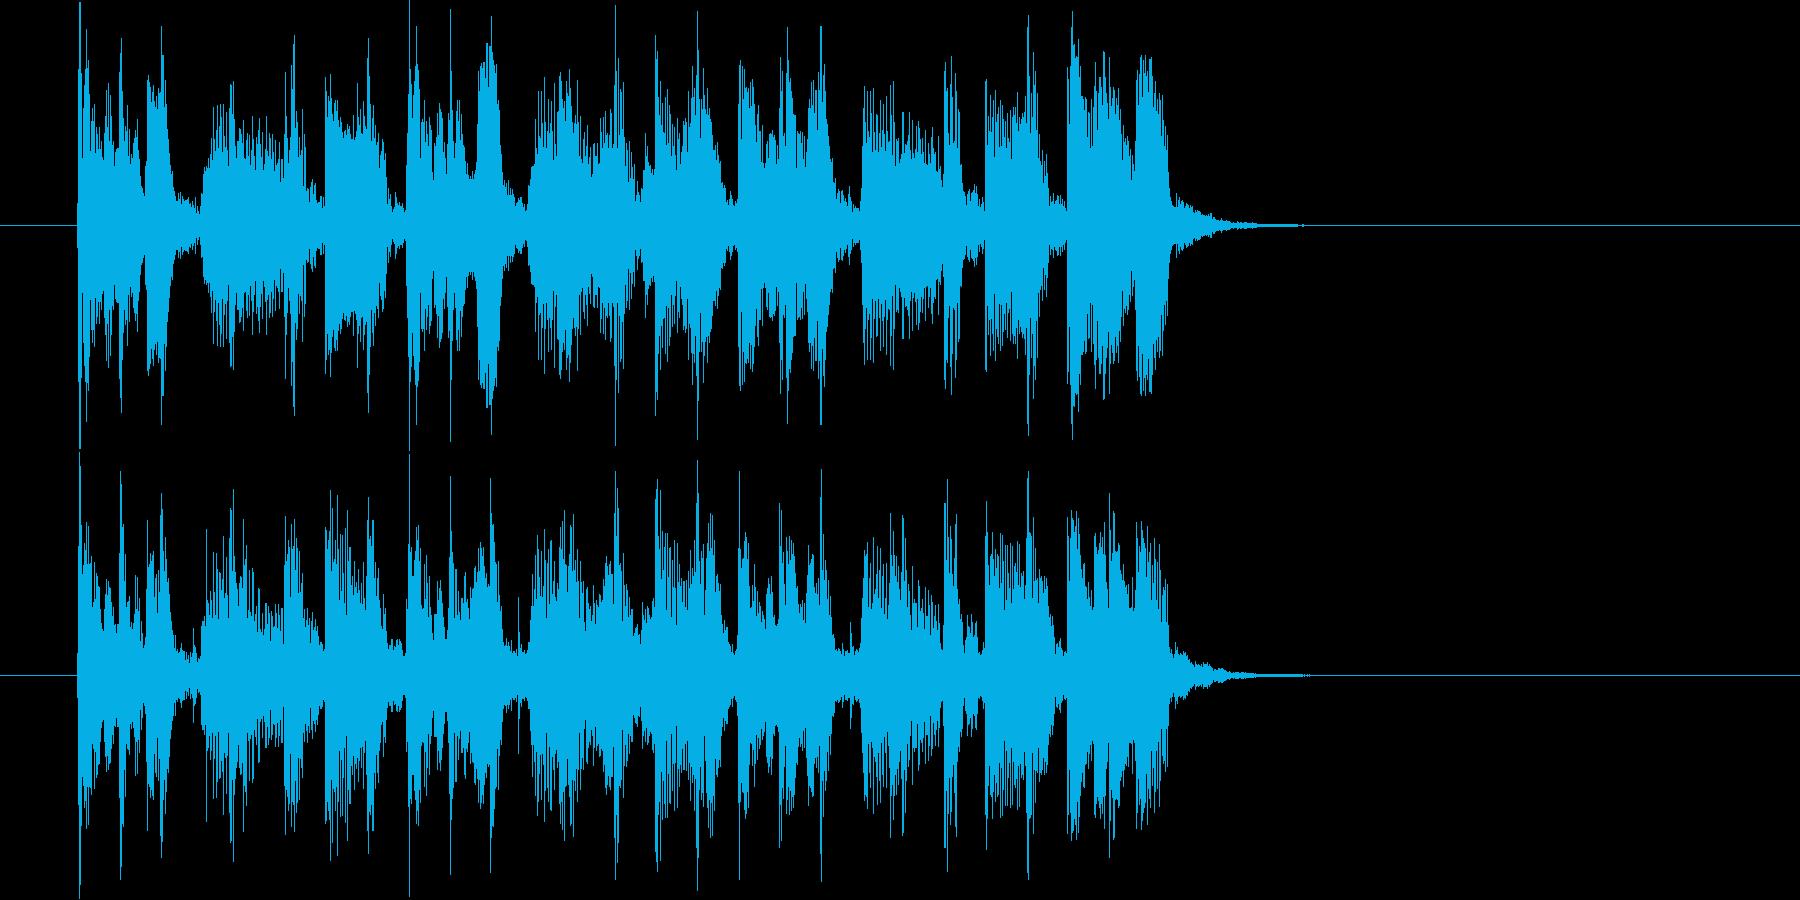 何かを追跡している雰囲気のポップジングルの再生済みの波形